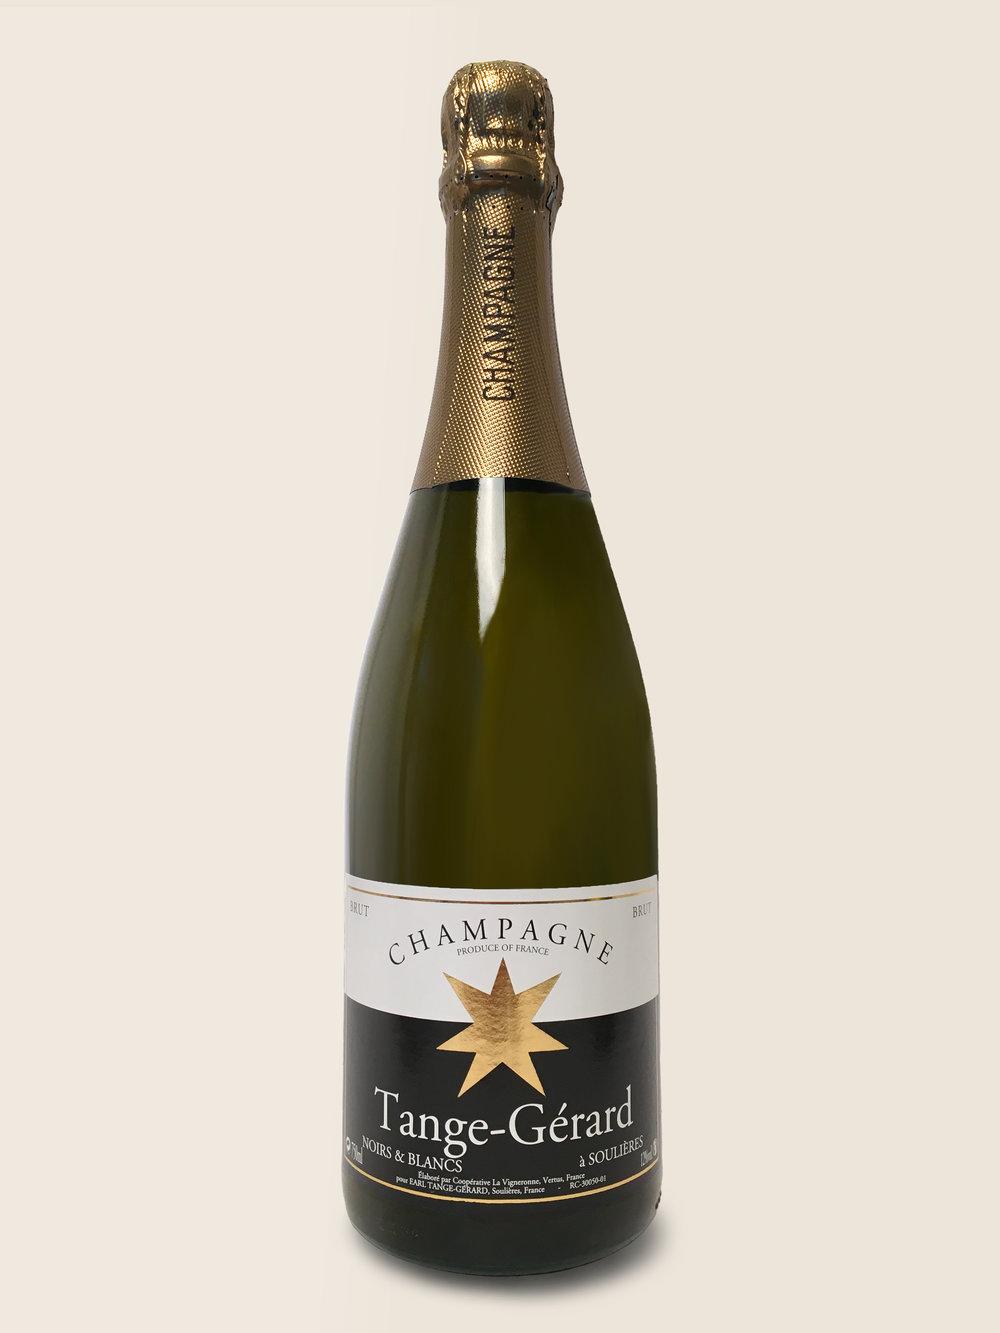 Noirs & Blancs - Noirs & Blancs er i sit es som all-round champagne på egen hånd eller med tapas, baseret på for eksempel charcuteri eller i selskab med en velmodnet Brie de Meaux.